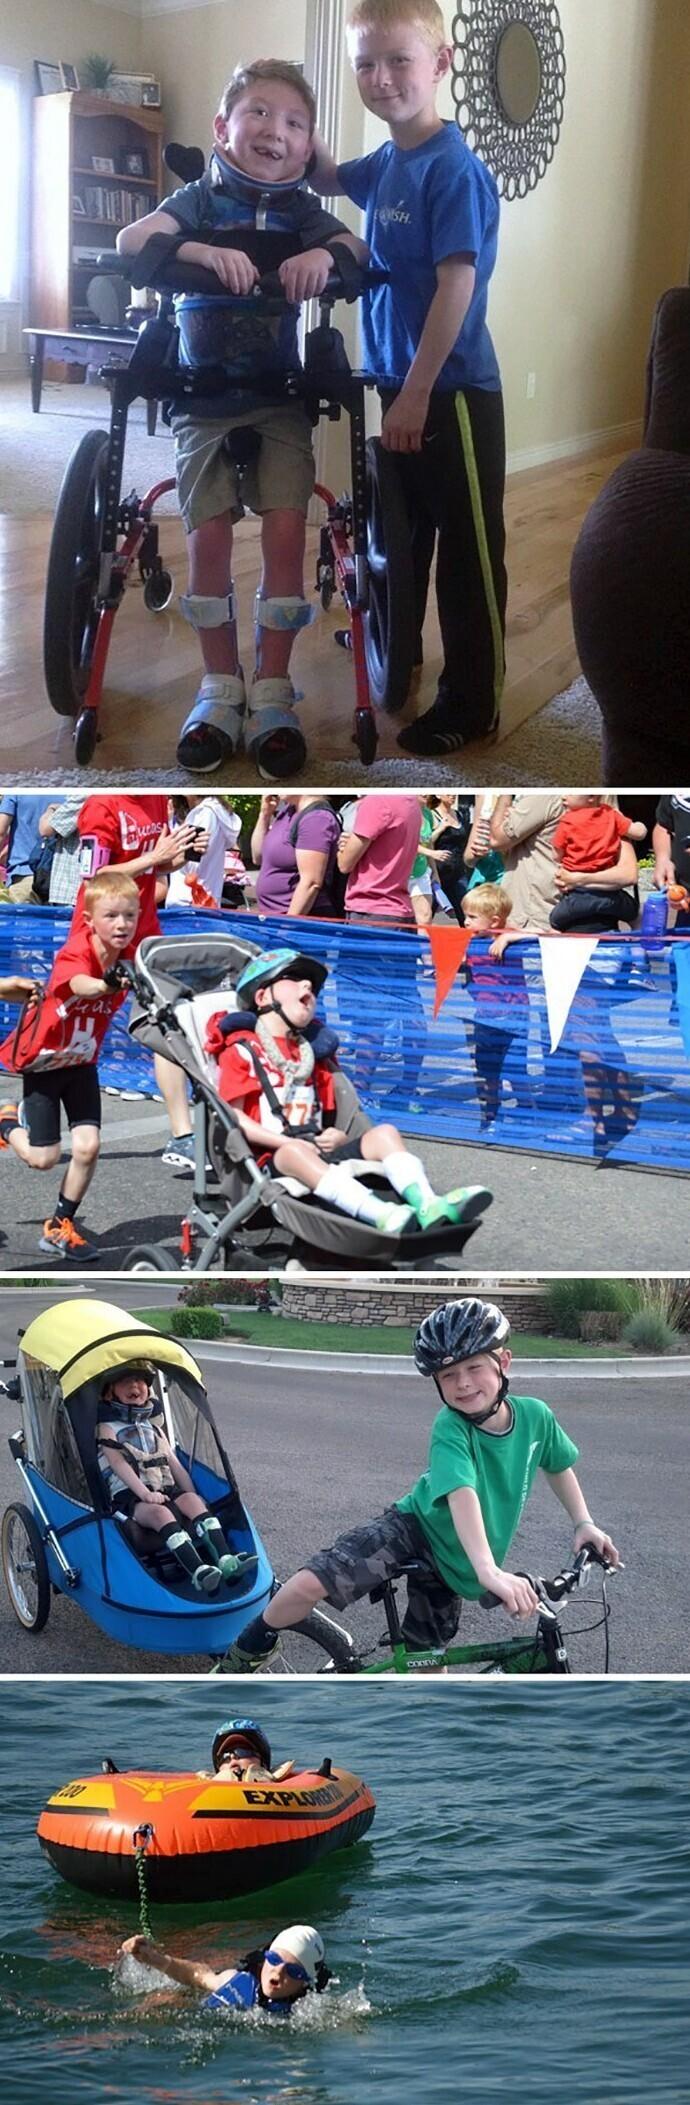 Лукас прошел дистанцию триатлона с помощью своего8-летнего брата Ноа